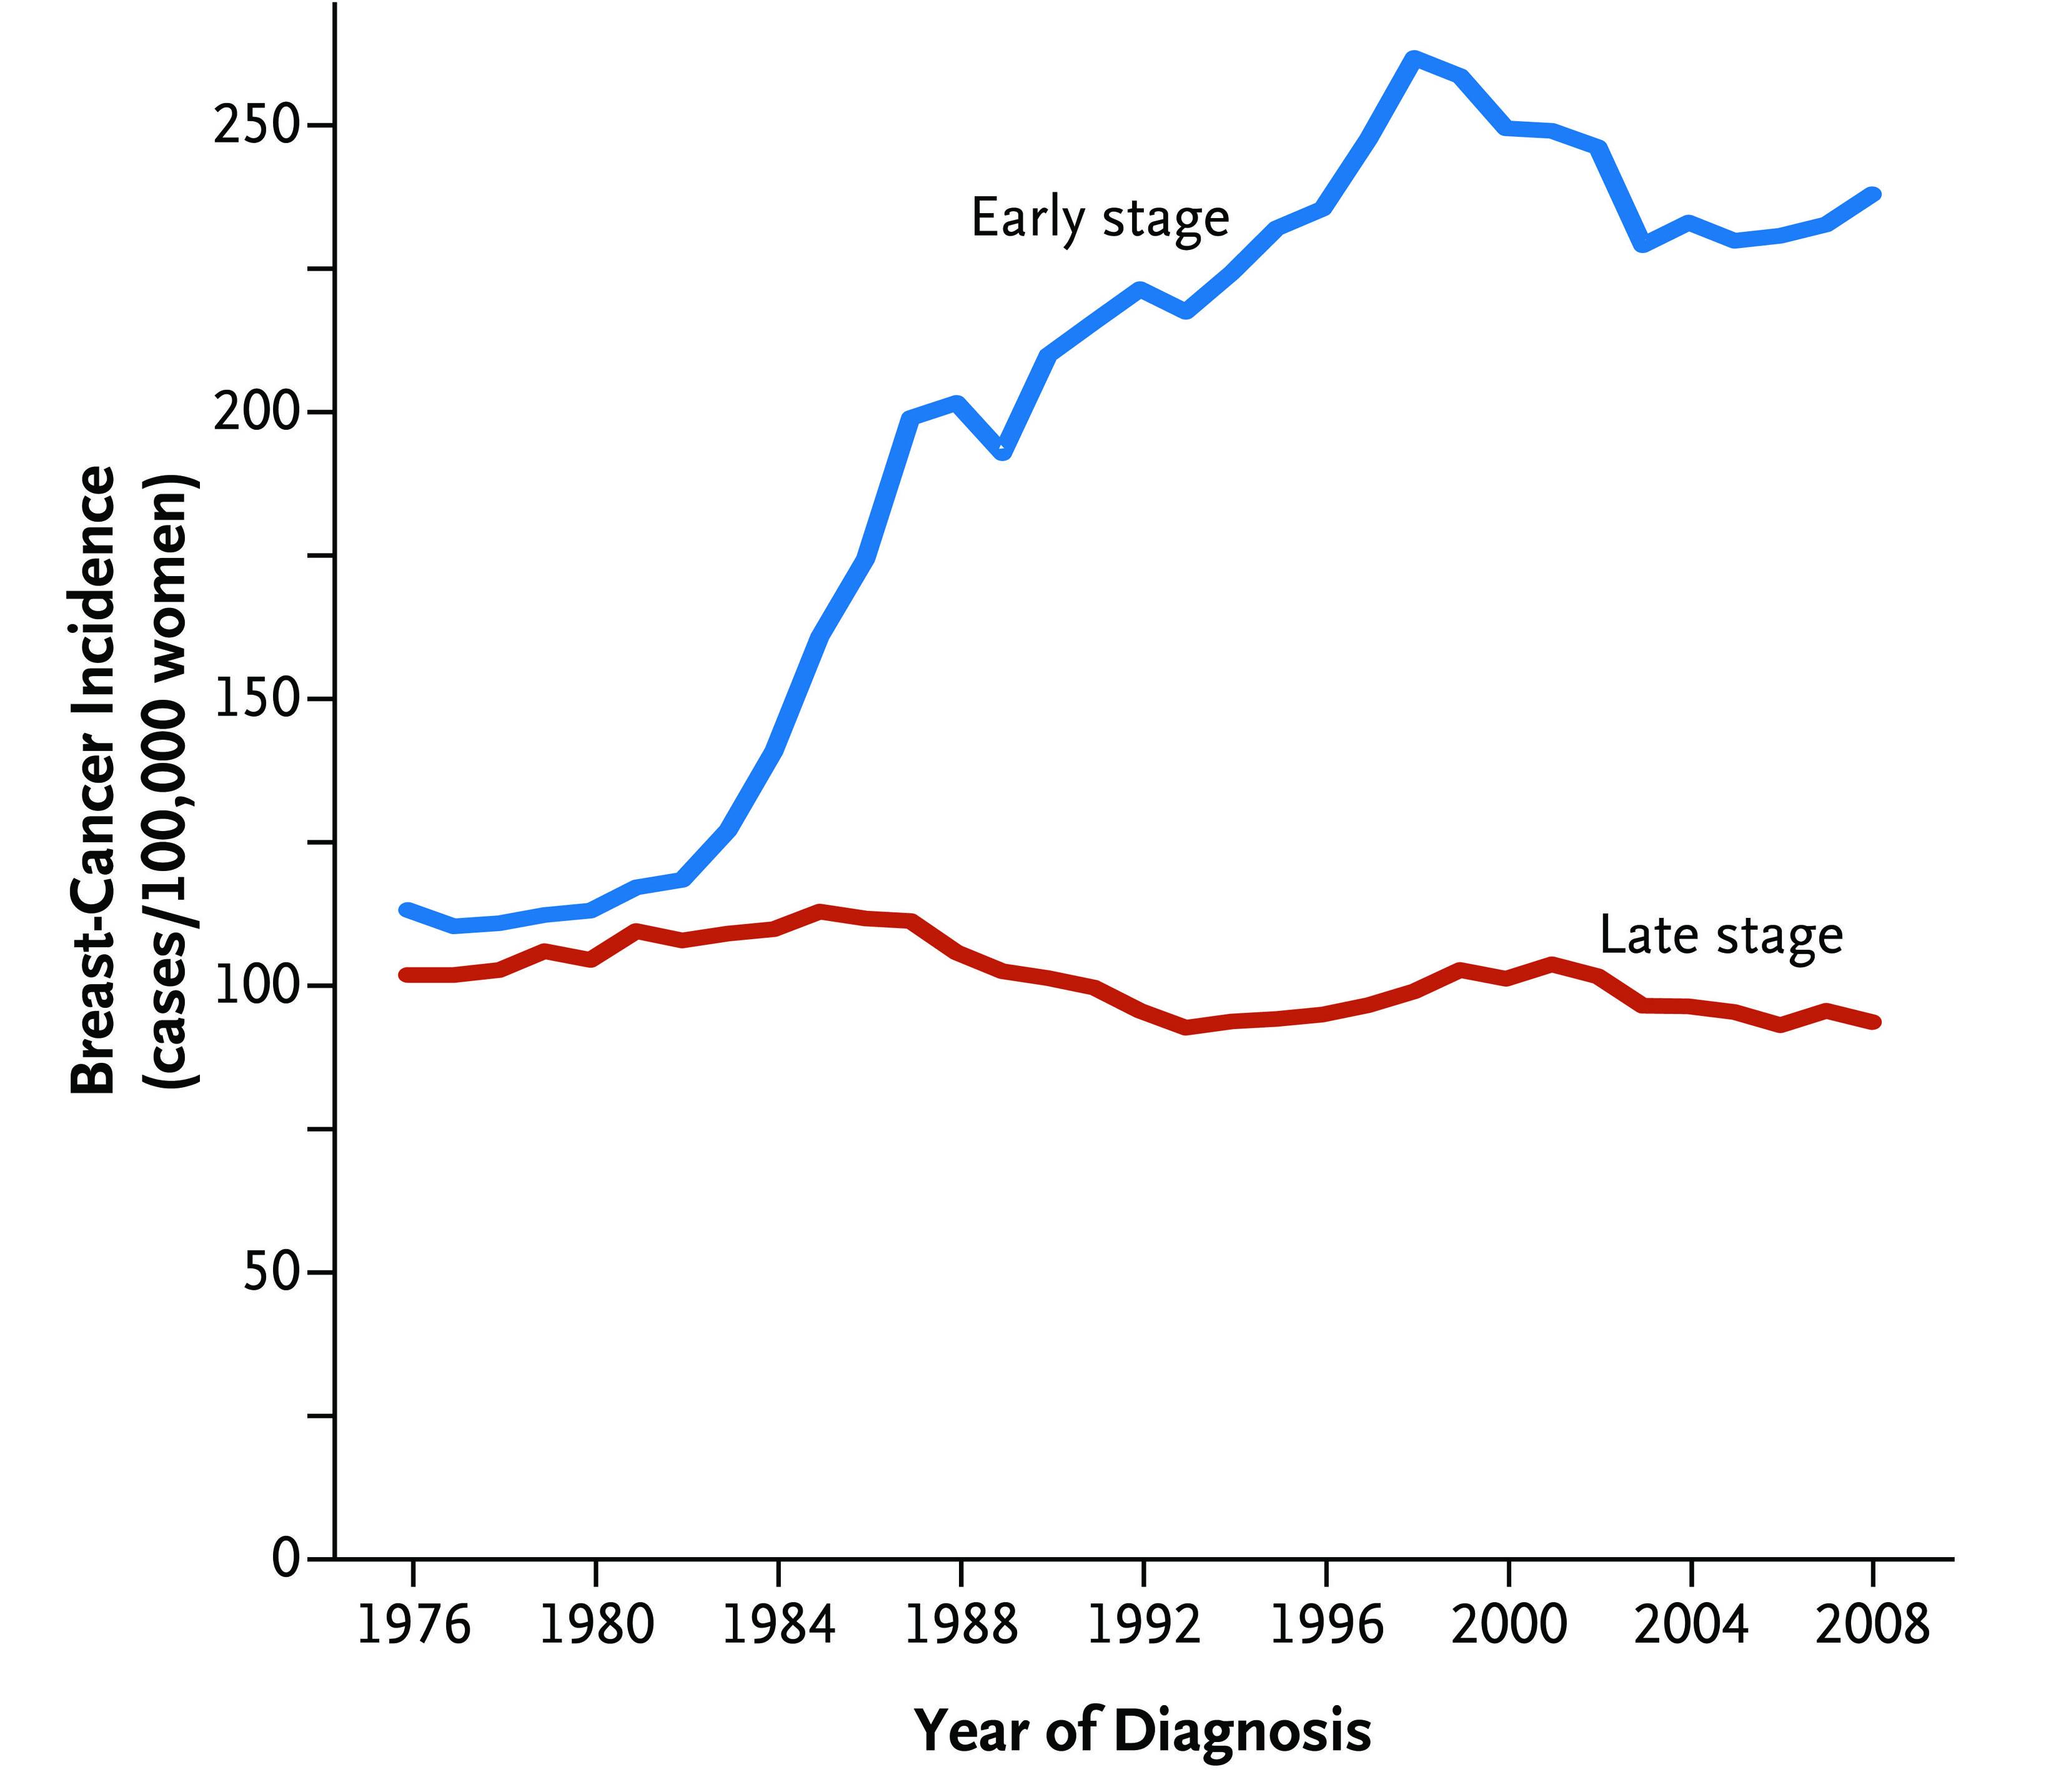 Statistiques de survie pour le cancer du sein - Socit